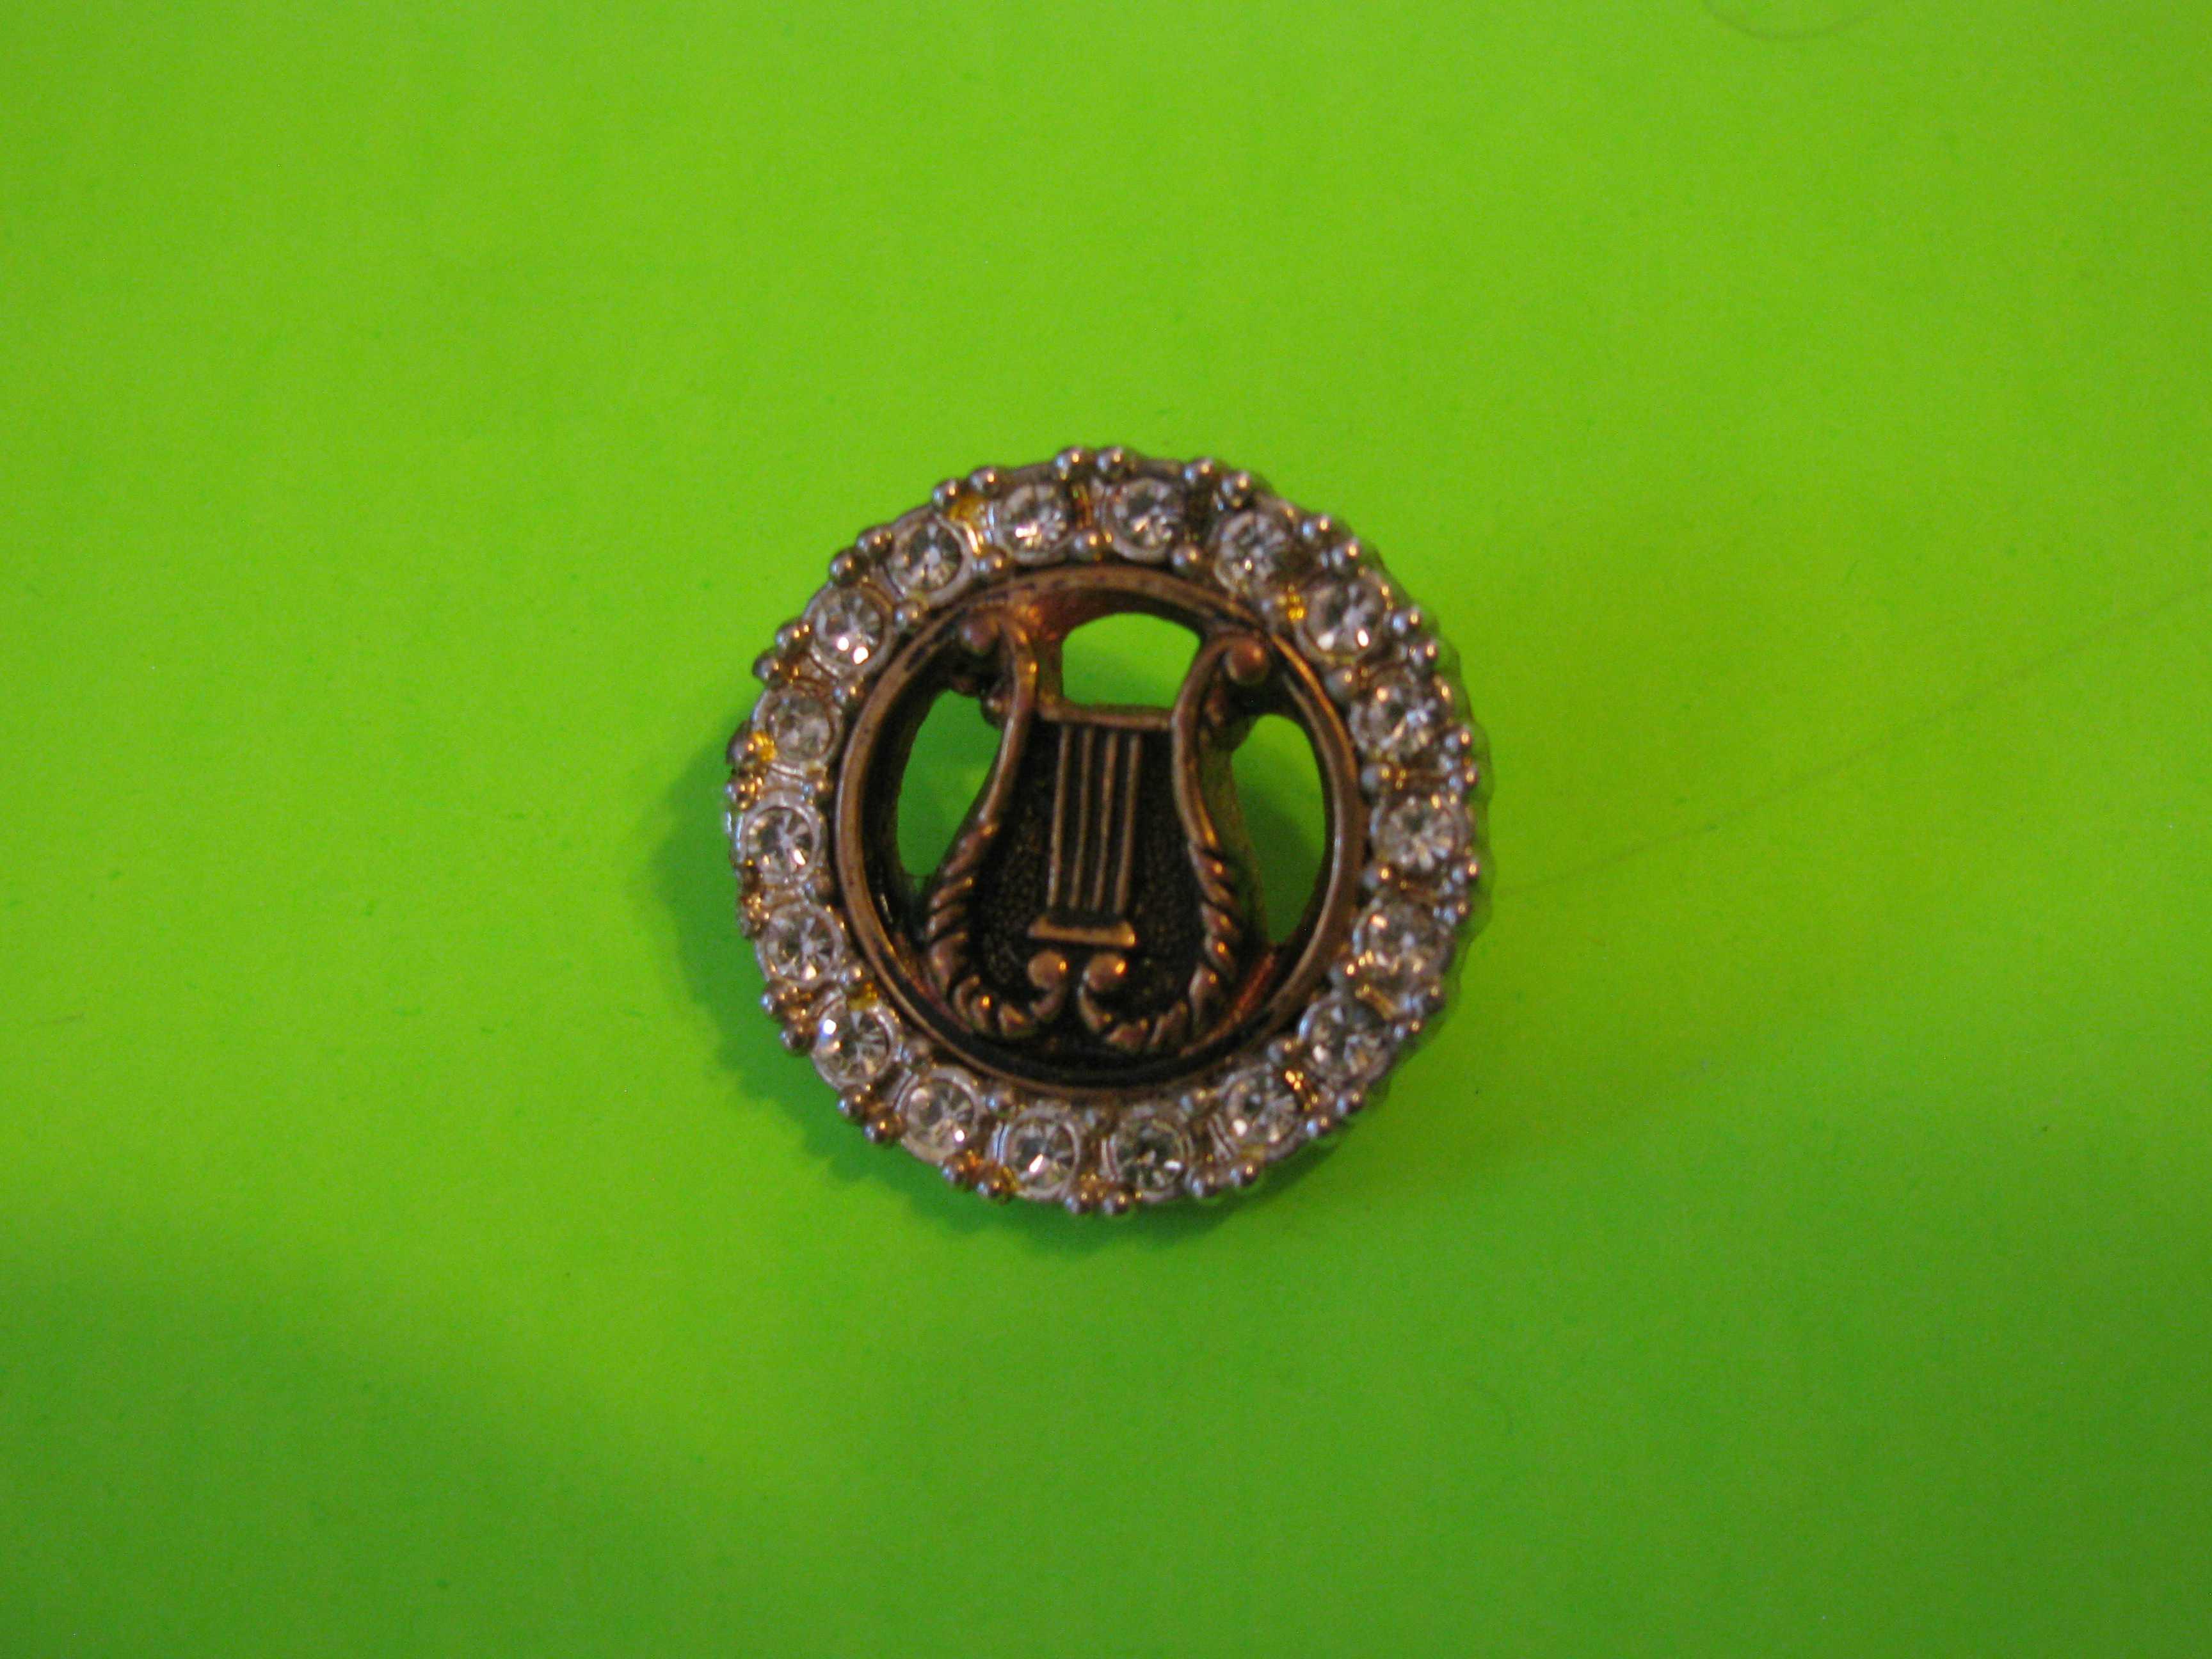 Vintage Brass Harp Encircled with Rhinestones & Metal Loop Shank